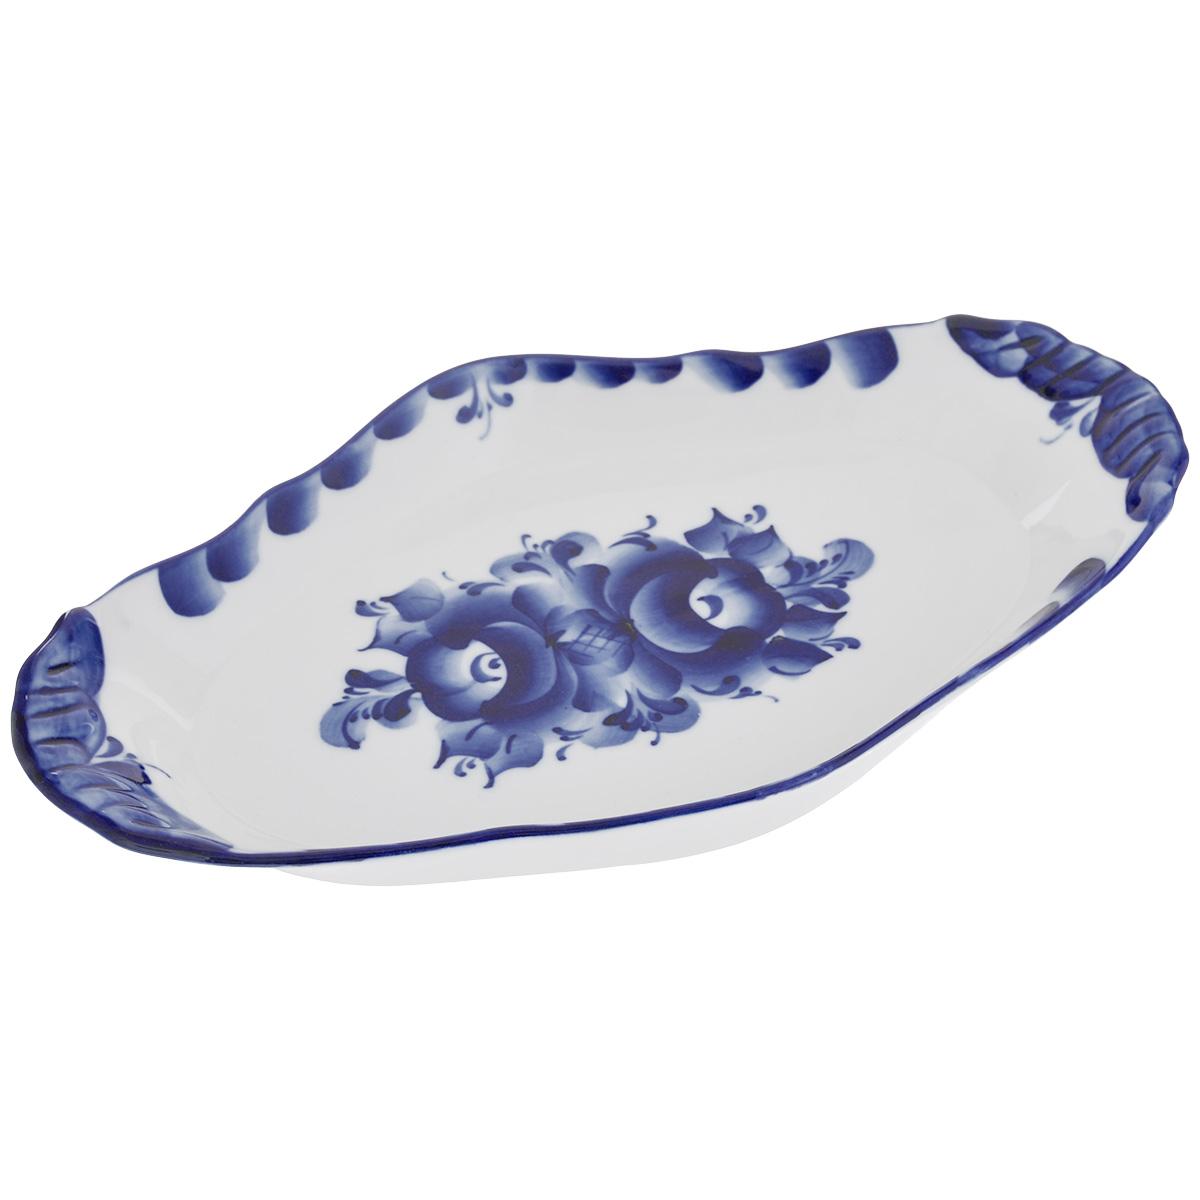 Блюдо Среднее, цвет: белый, синий, 27 см х 16 см. 993011301993011301Блюдо Среднее, изготовленное из фарфора, доставит истинное удовольствие ценителям прекрасного. Блюдо выполнено в стиле гжель и расписано вручную. Яркий дизайн, несомненно, придется вам по вкусу.Блюдо Среднее украсит ваш кухонный стол, а также станет замечательным подарком к любому празднику.Не применять абразивные чистящие средства. Не использовать в микроволновой печи. Мыть с применением нейтральных моющих средств. Не рекомендуется использовать в посудомоечных машинах.Размеры блюда: 27 см х 16 см х 3 см.